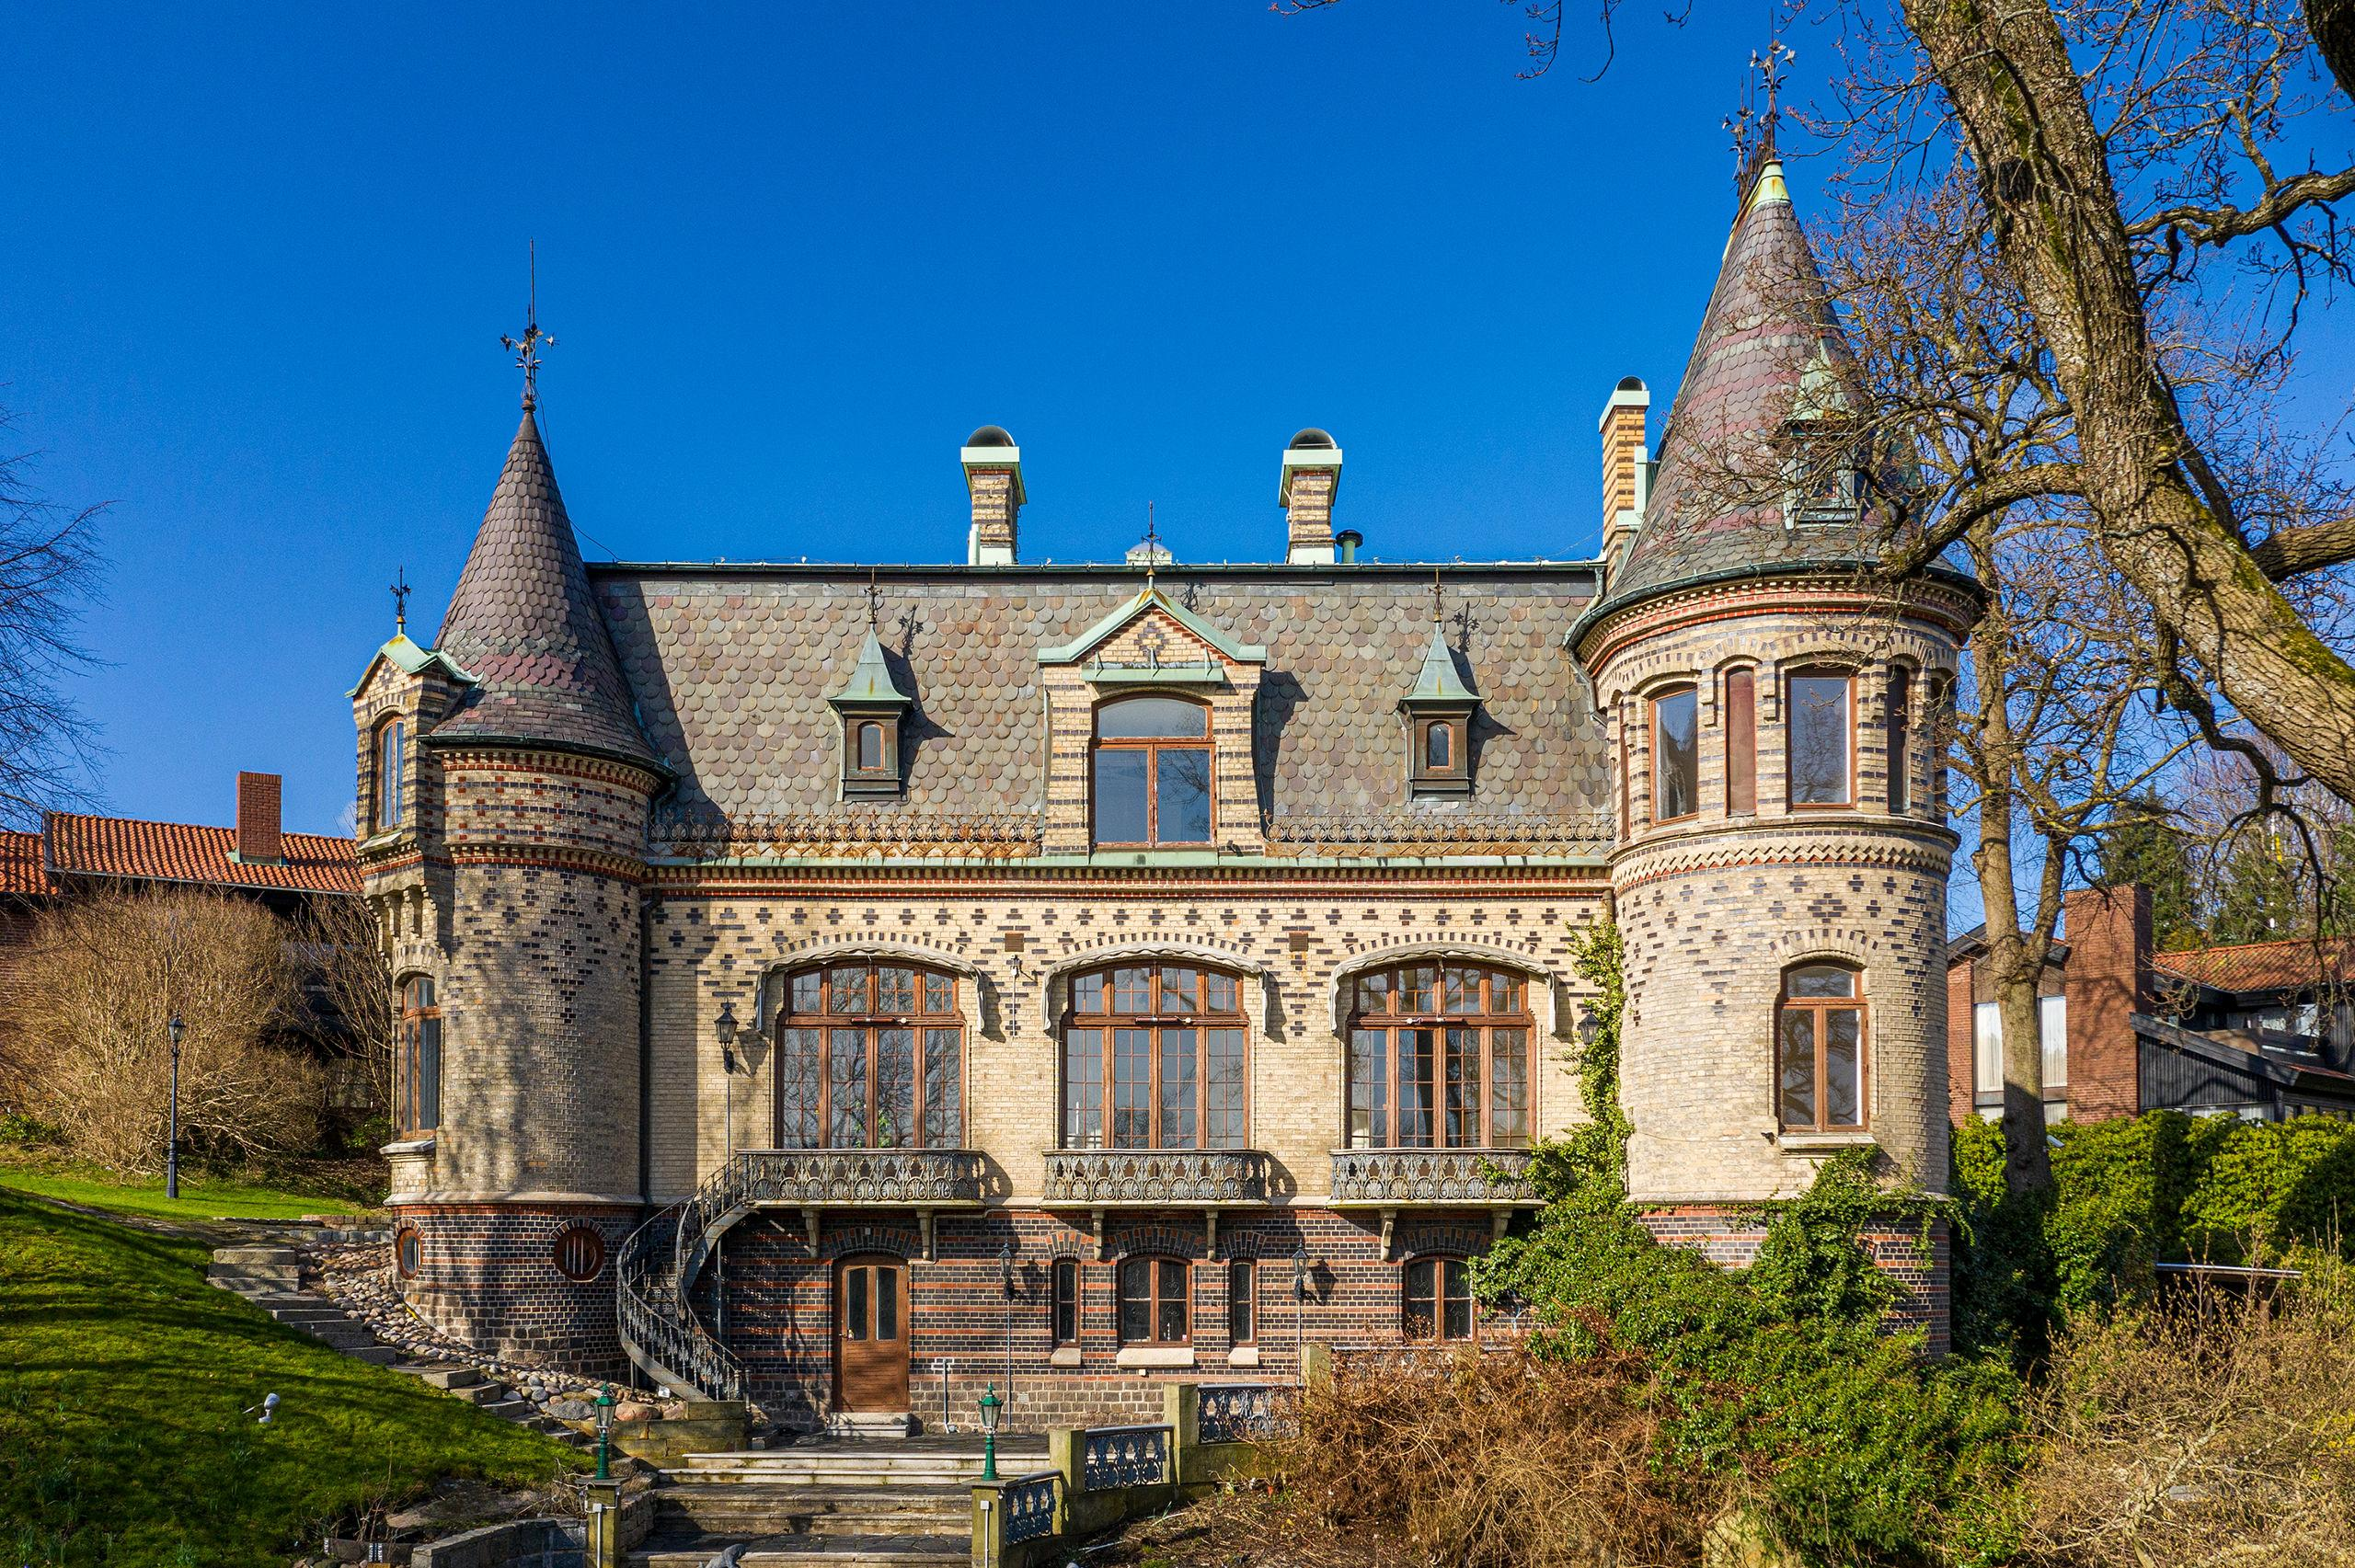 Bostaden Wilhelmsberg i Örgryte är till salu